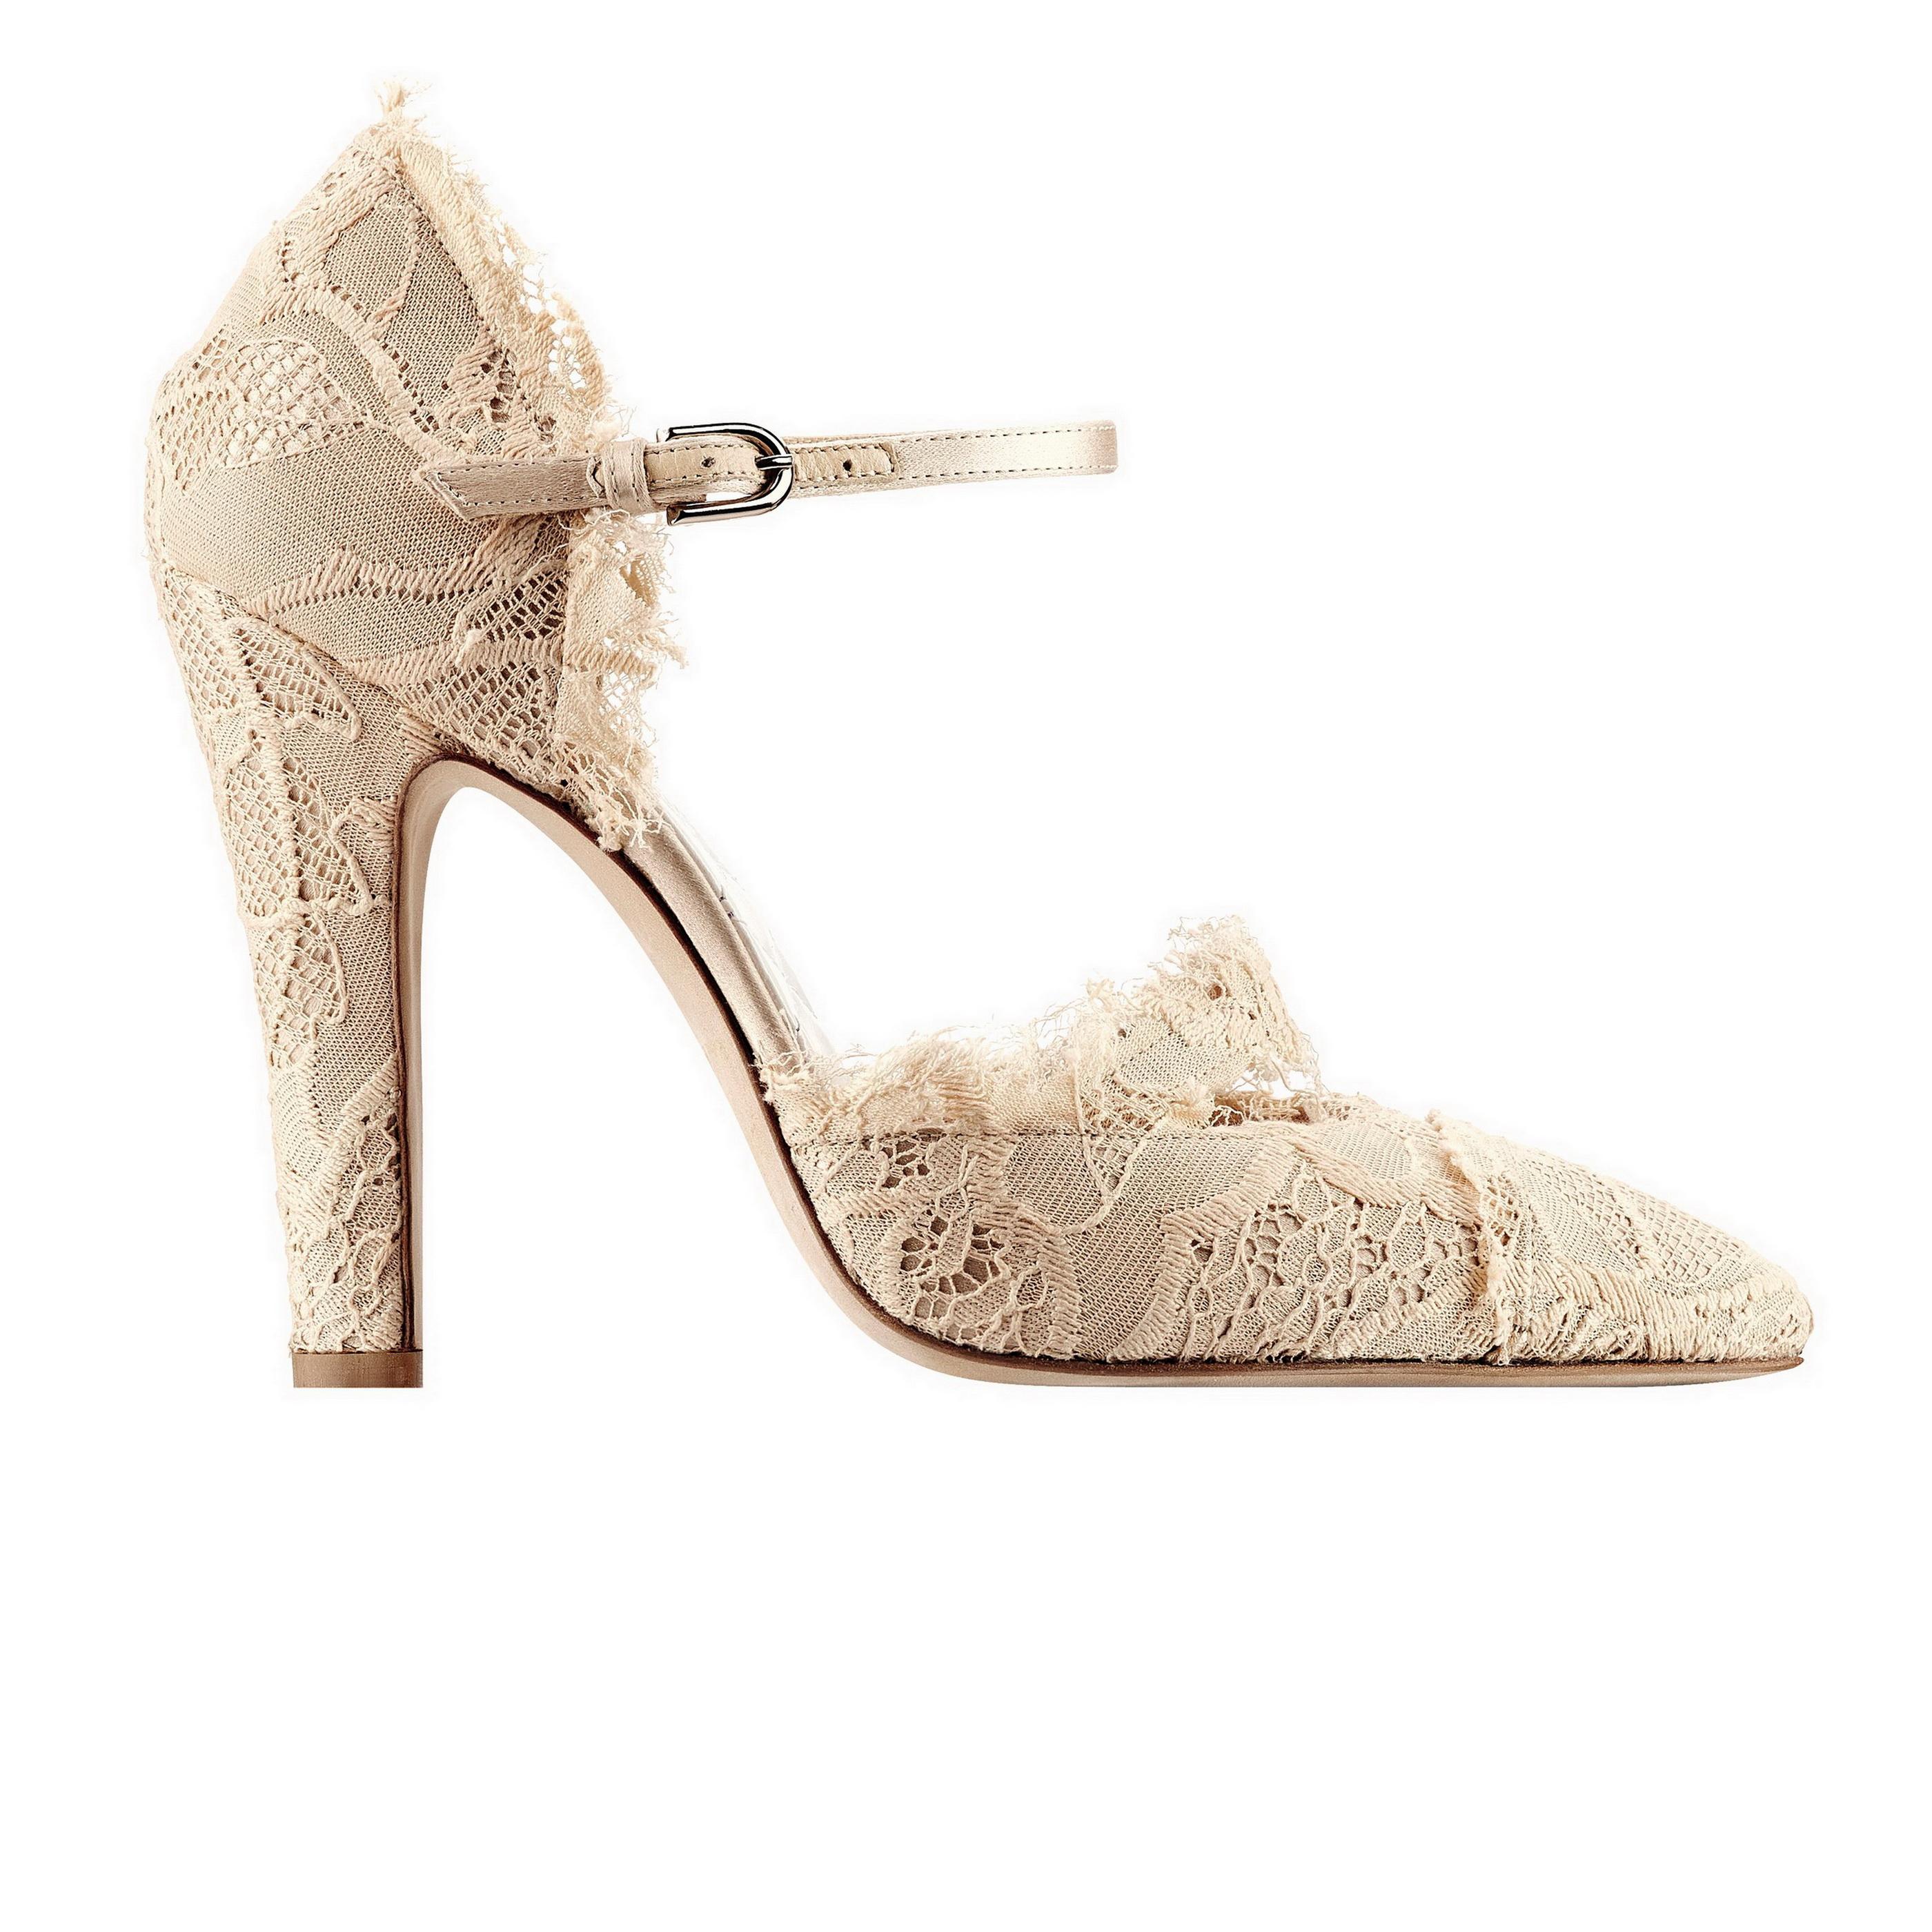 粉色蕾絲繫踝晚宴鞋 售價NT$40,400